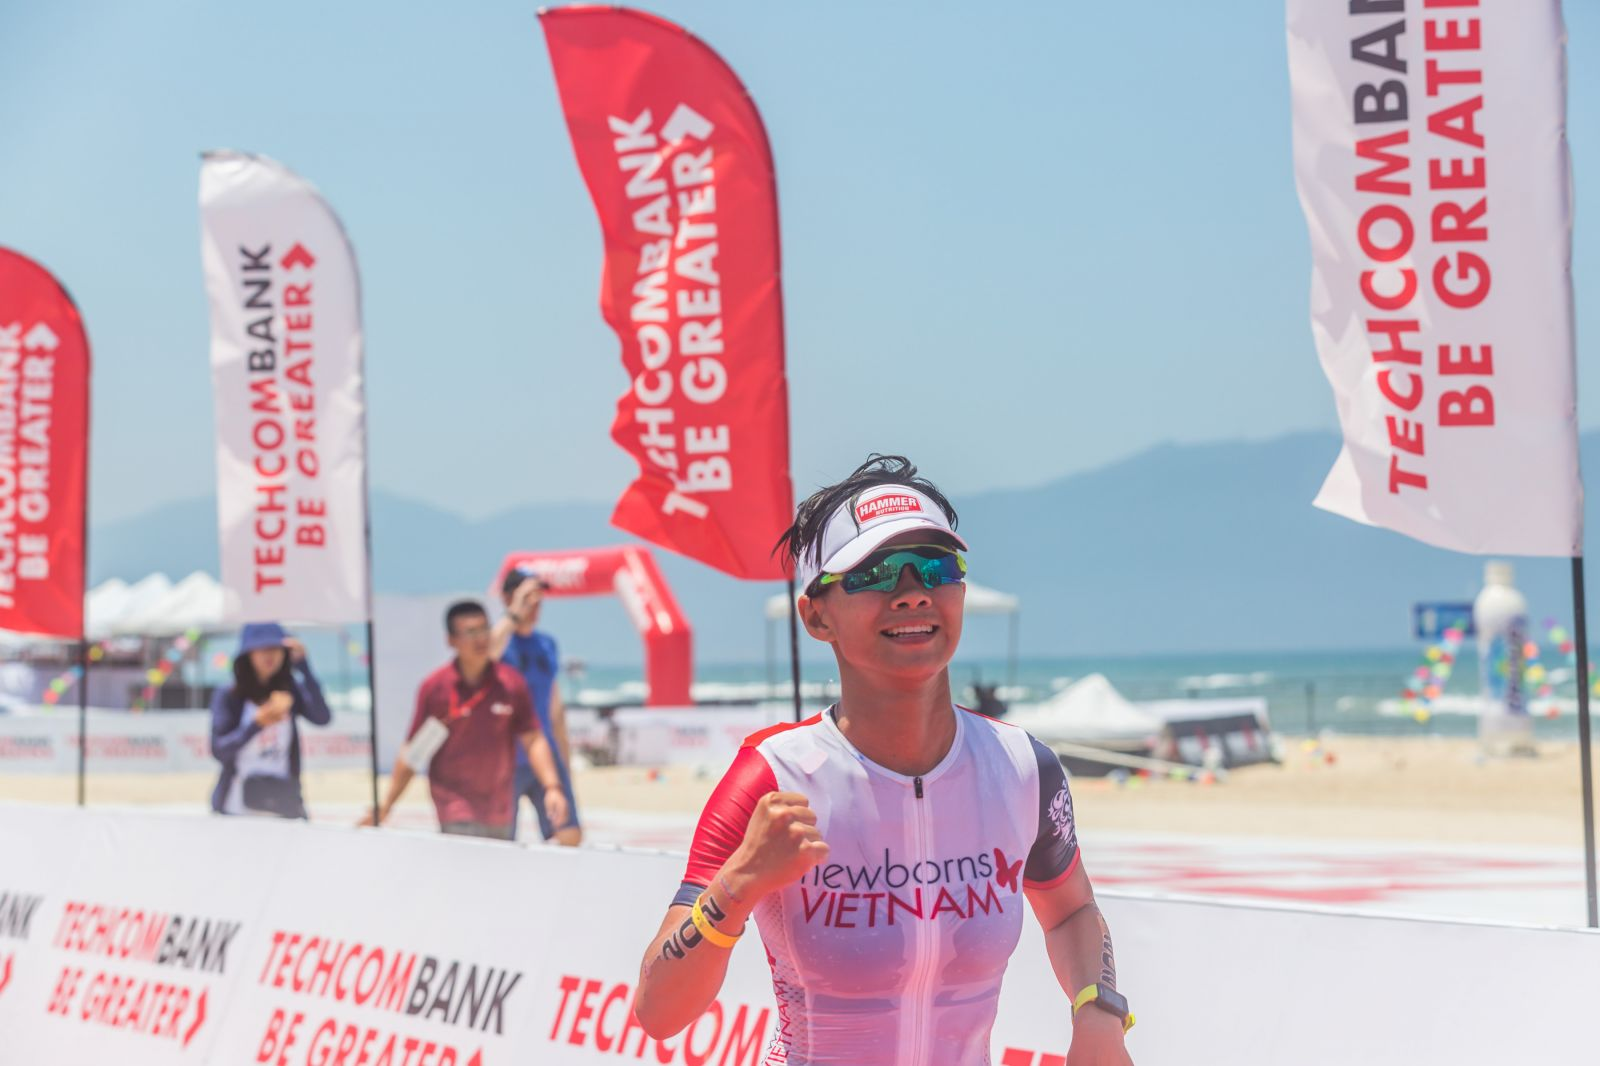 Chưa hết Ngân còn trở thành đại diện nữ Việt Nam tham gia giải Vô địch Thế giới tại Nam Phi cùng năm ở tuổi 24. Đây chính là quả ngọt hoàn toàn xứng đáng với ý chí kiên định của cô gái phi thường này.